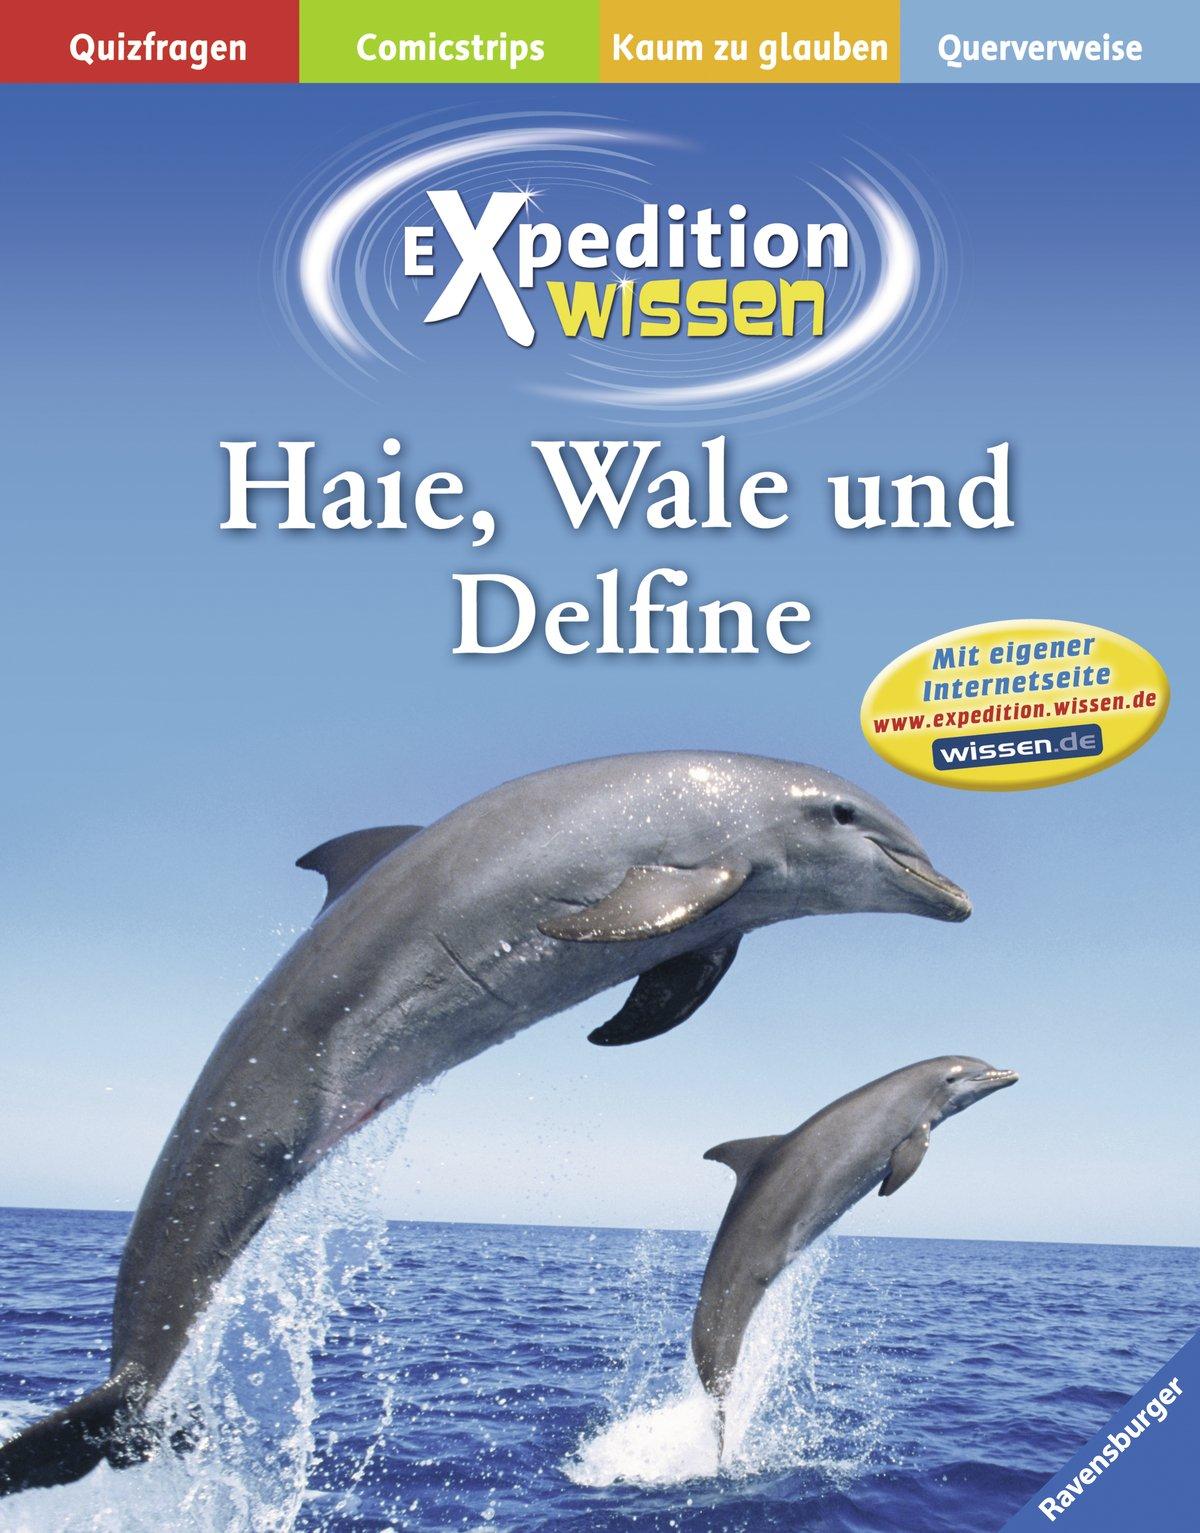 Haie, Wale und Delfine (Expedition Wissen)